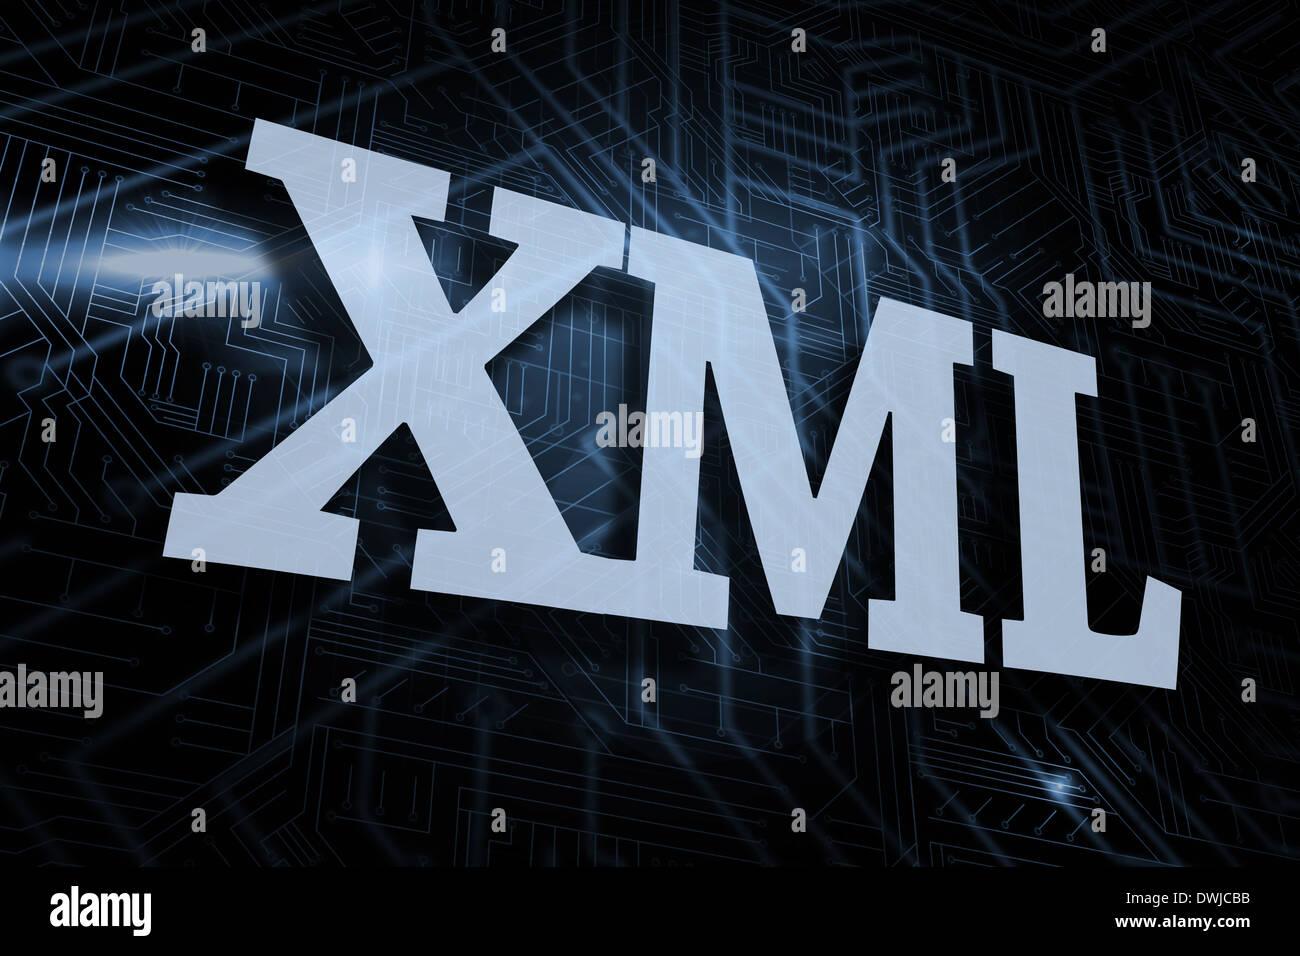 Background image xml - Stock Photo Xml Against Futuristic Black And Blue Background